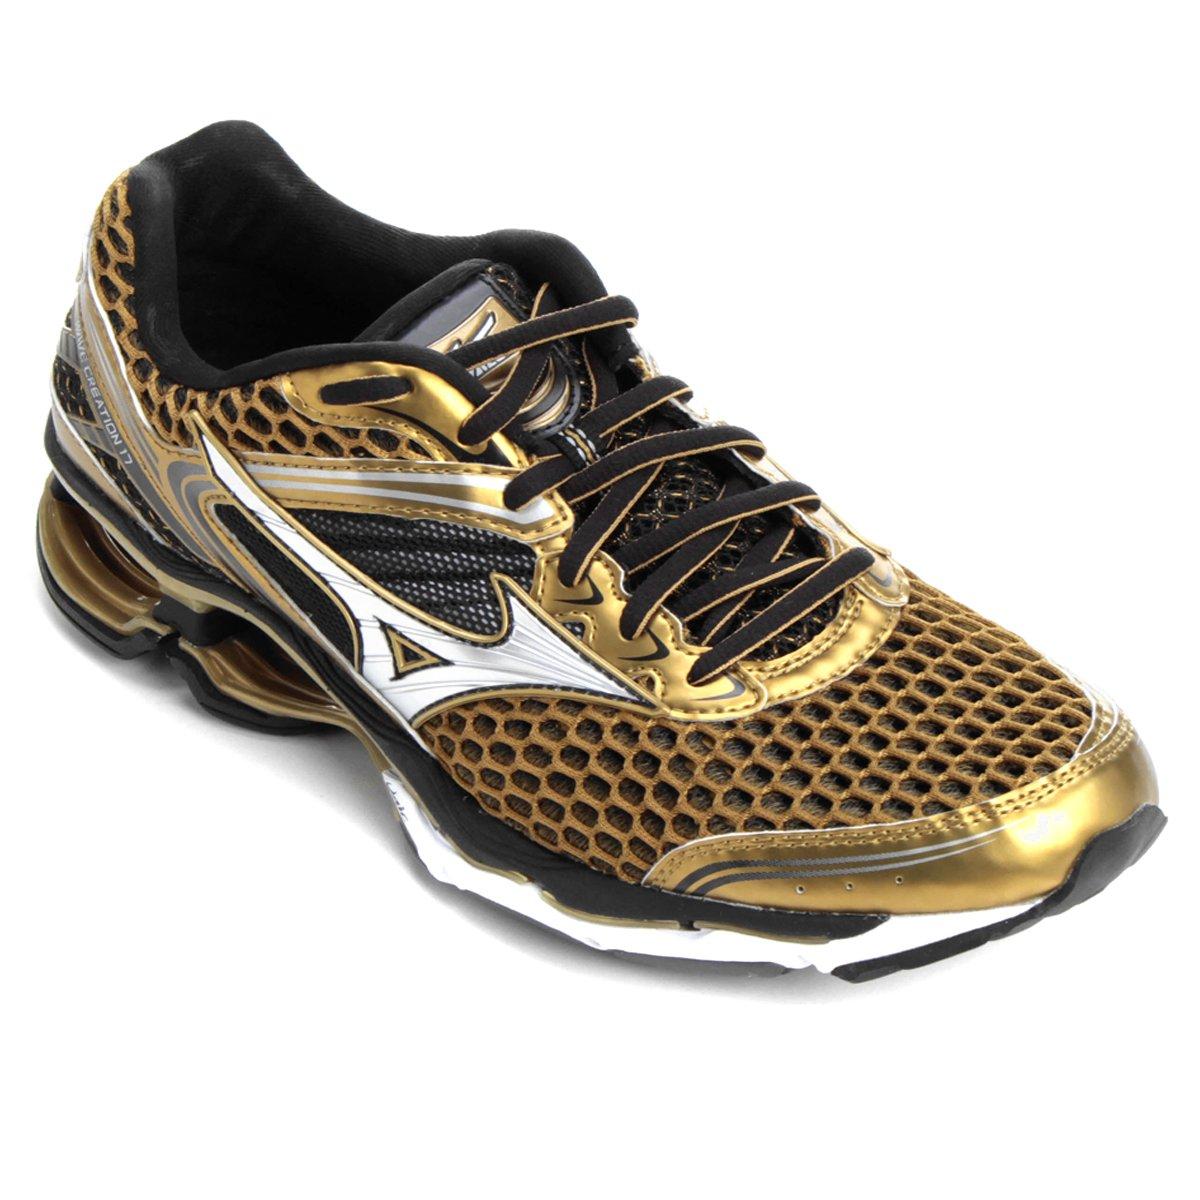 e23f95b8d8 Tênis Mizuno Wave Creation 17 Golden Runners - Compre Agora